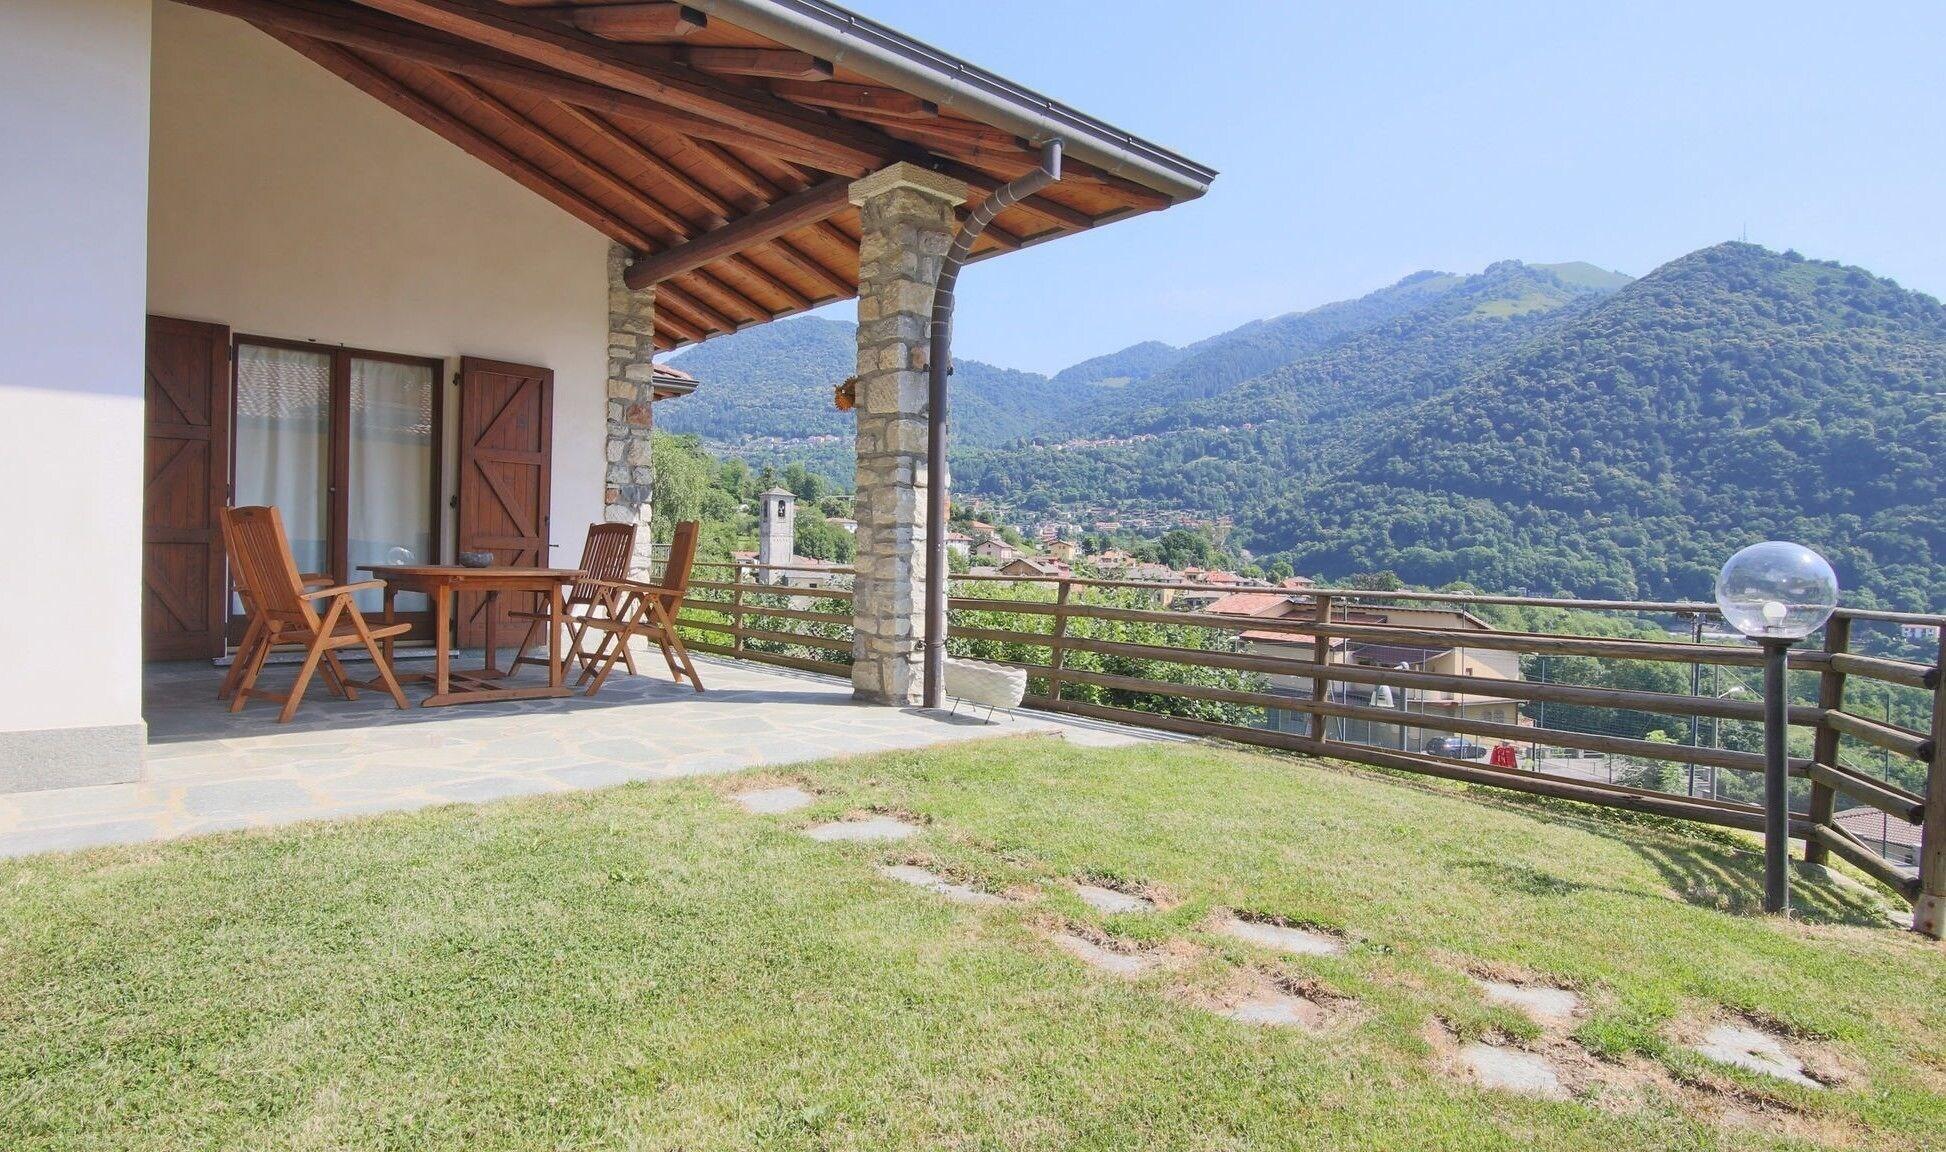 Italianway - Contrada 2, Como